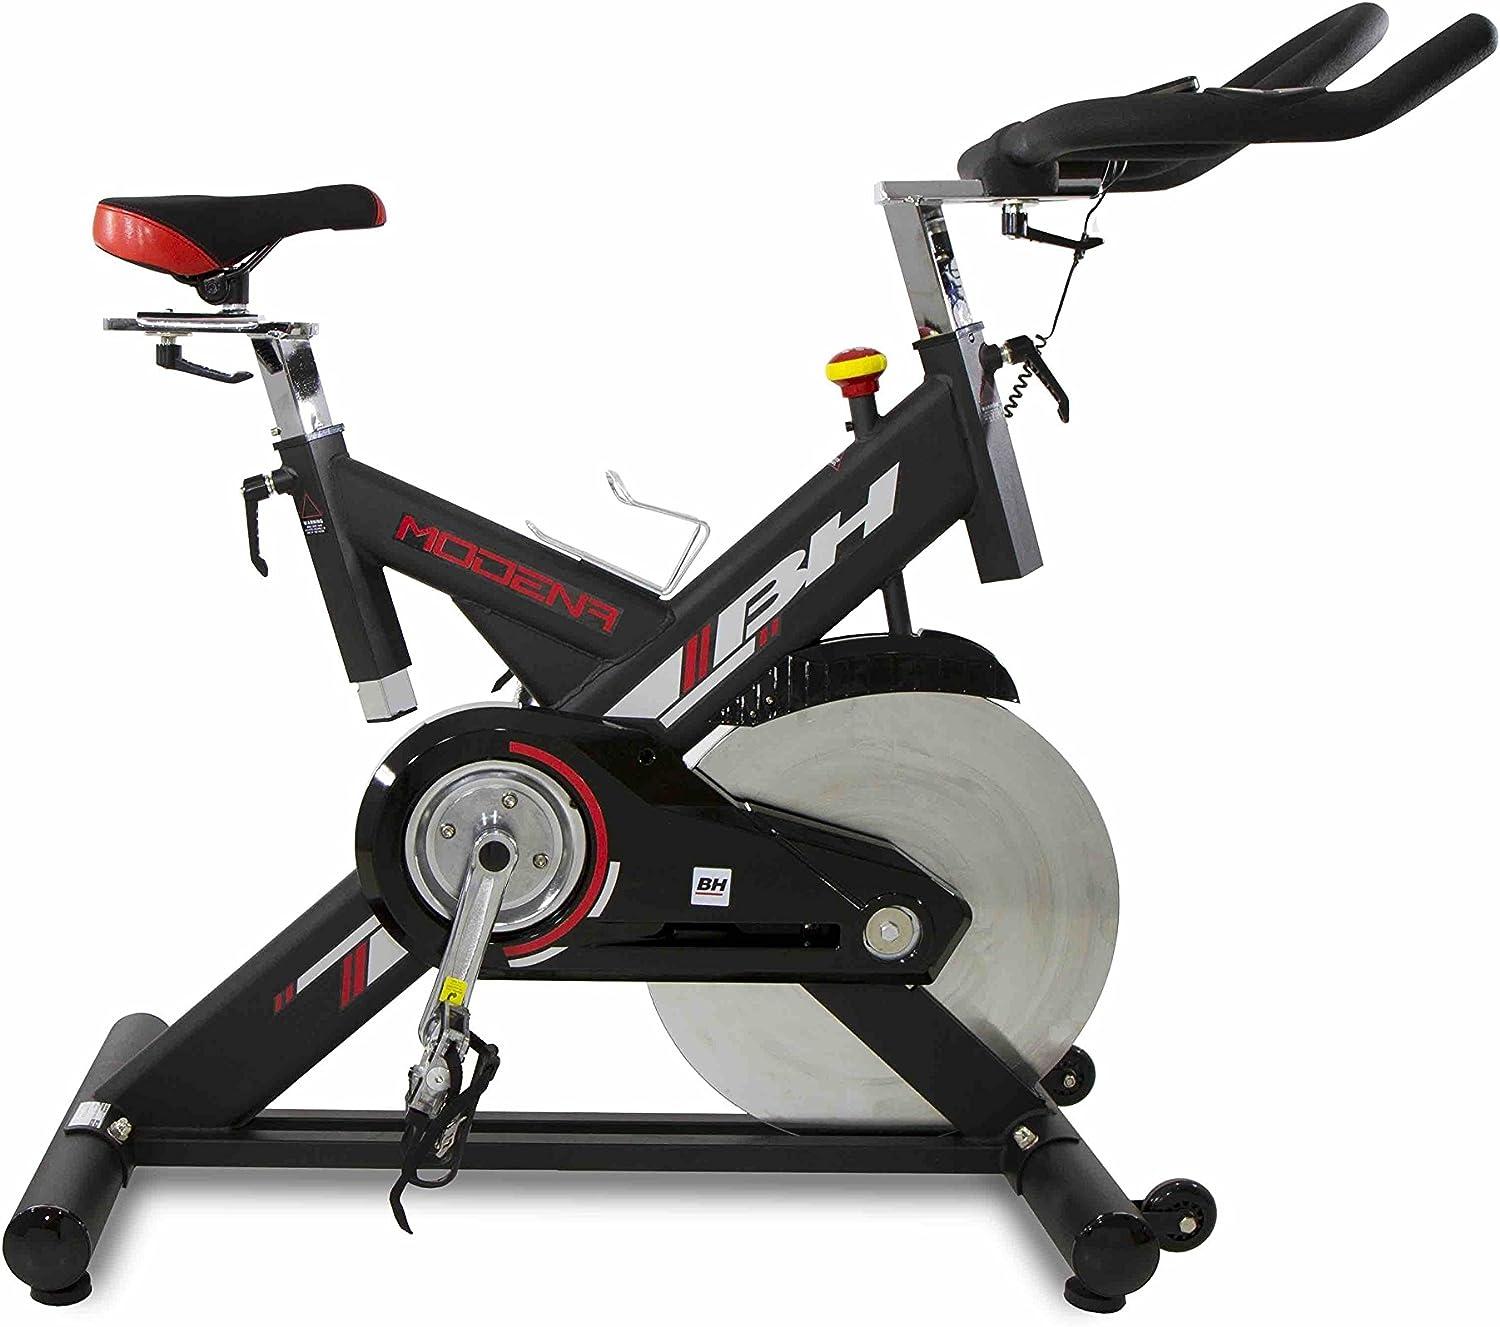 BH Fitness Modena Bicicleta de Ciclo Indoor: Amazon.es: Deportes y ...